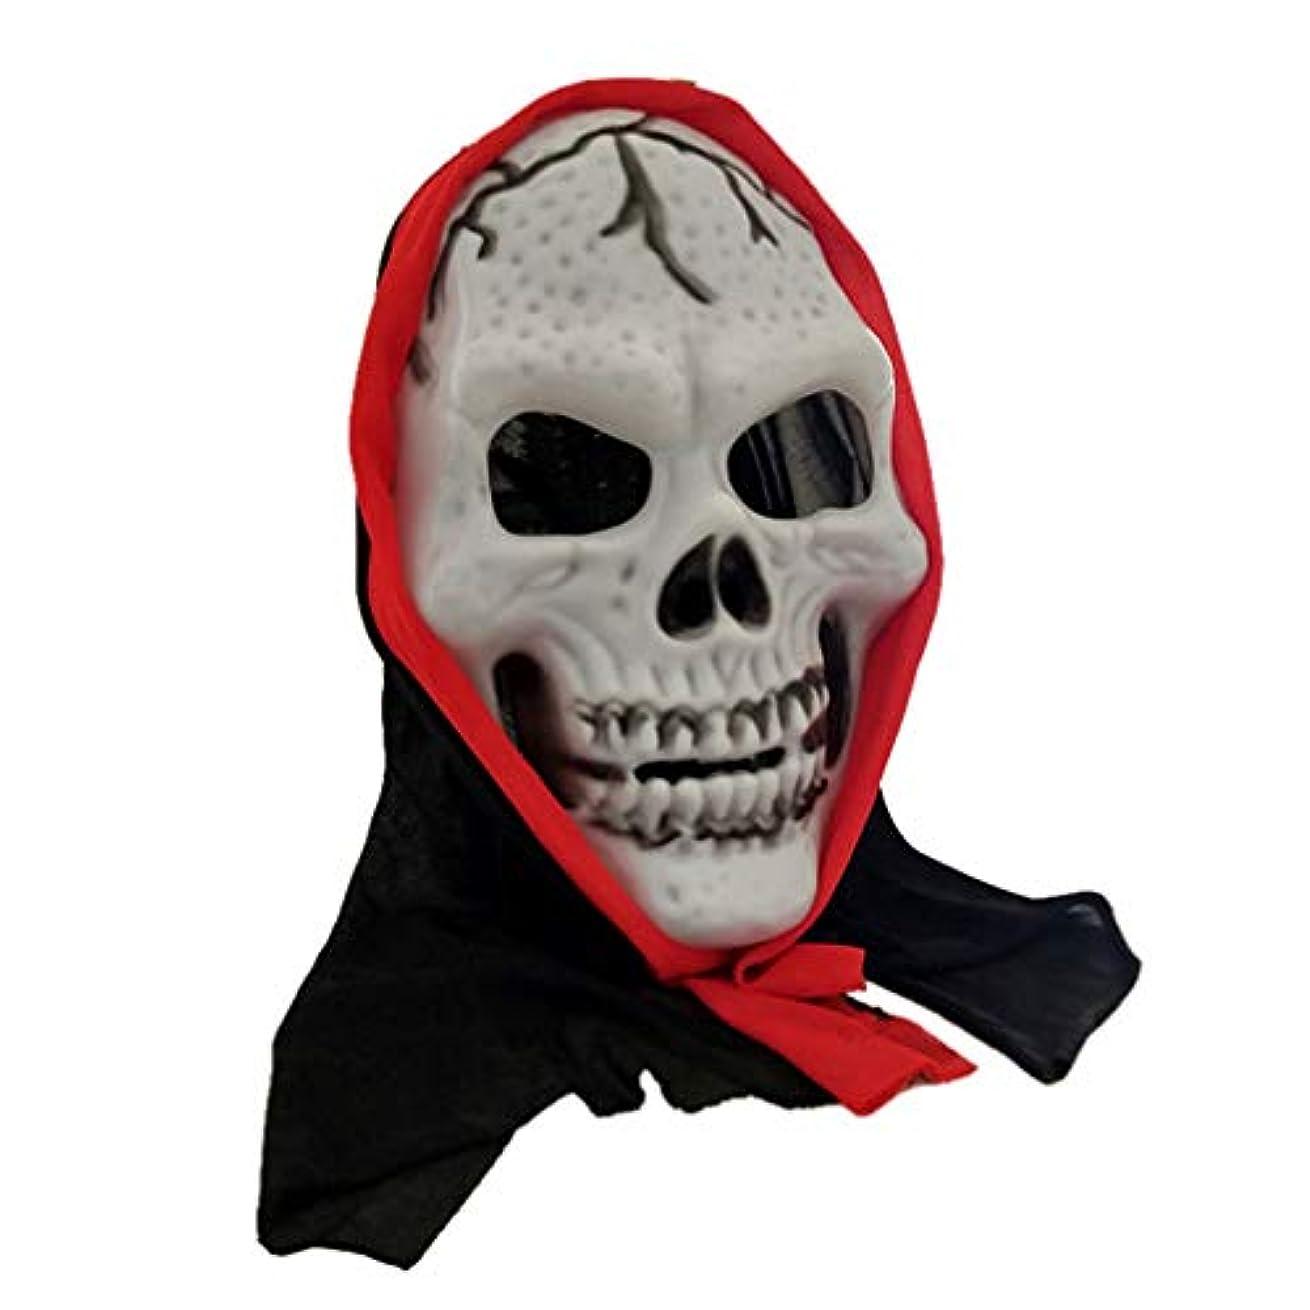 しないでください告発者スプーンVosarea ハロウィン怖いスケルトンスカルマスク衣装小道具ドレスアップアクセサリー用パーティーカーニバル2ピース